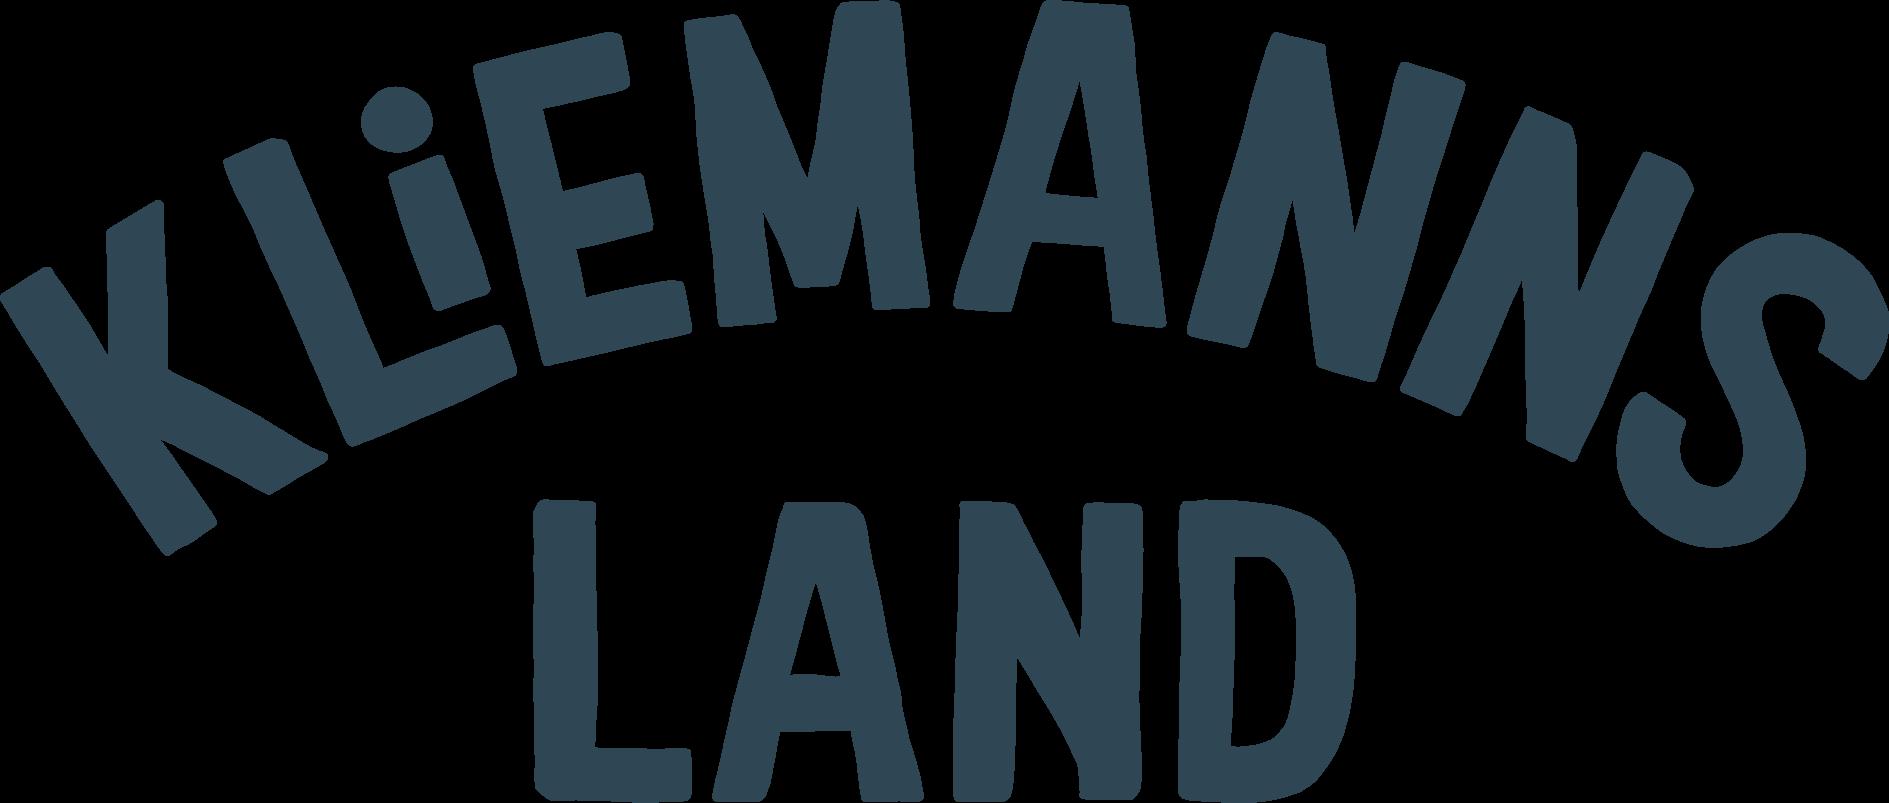 Kliemannsland